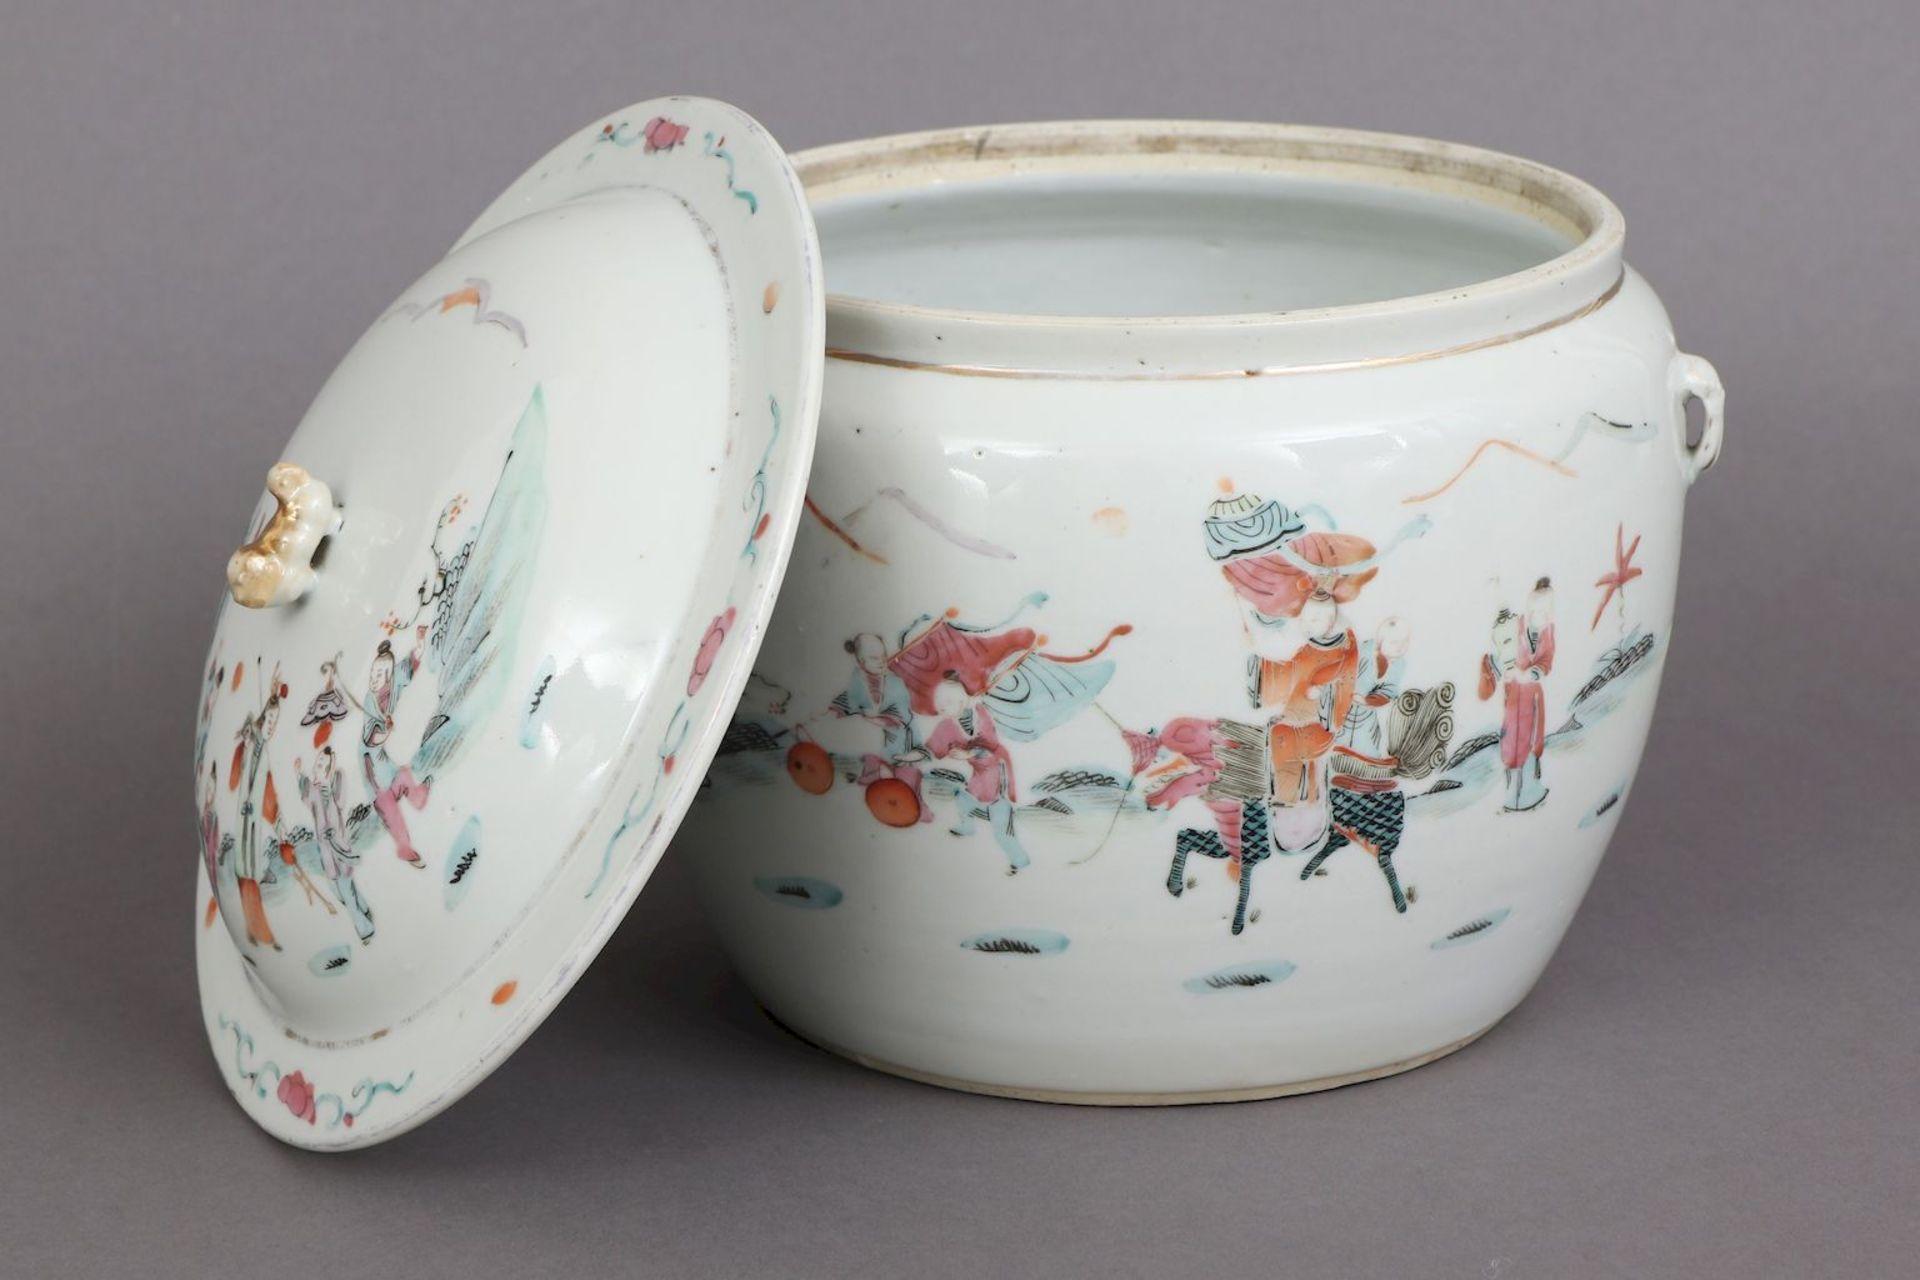 Chinesischer Porzellan Vorratstopf - Image 2 of 5